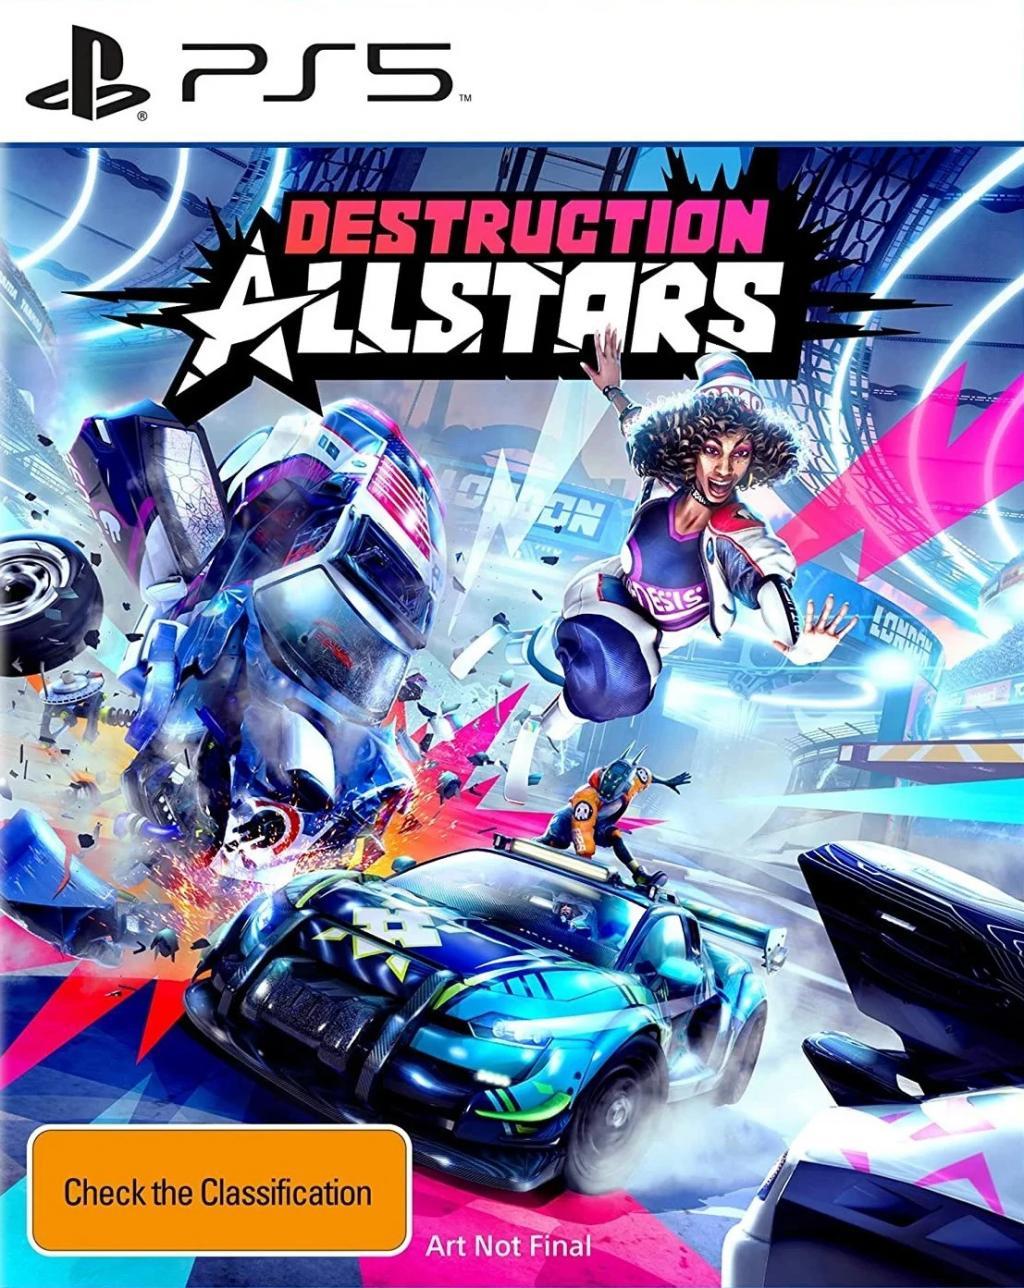 Destruction Allstars_1